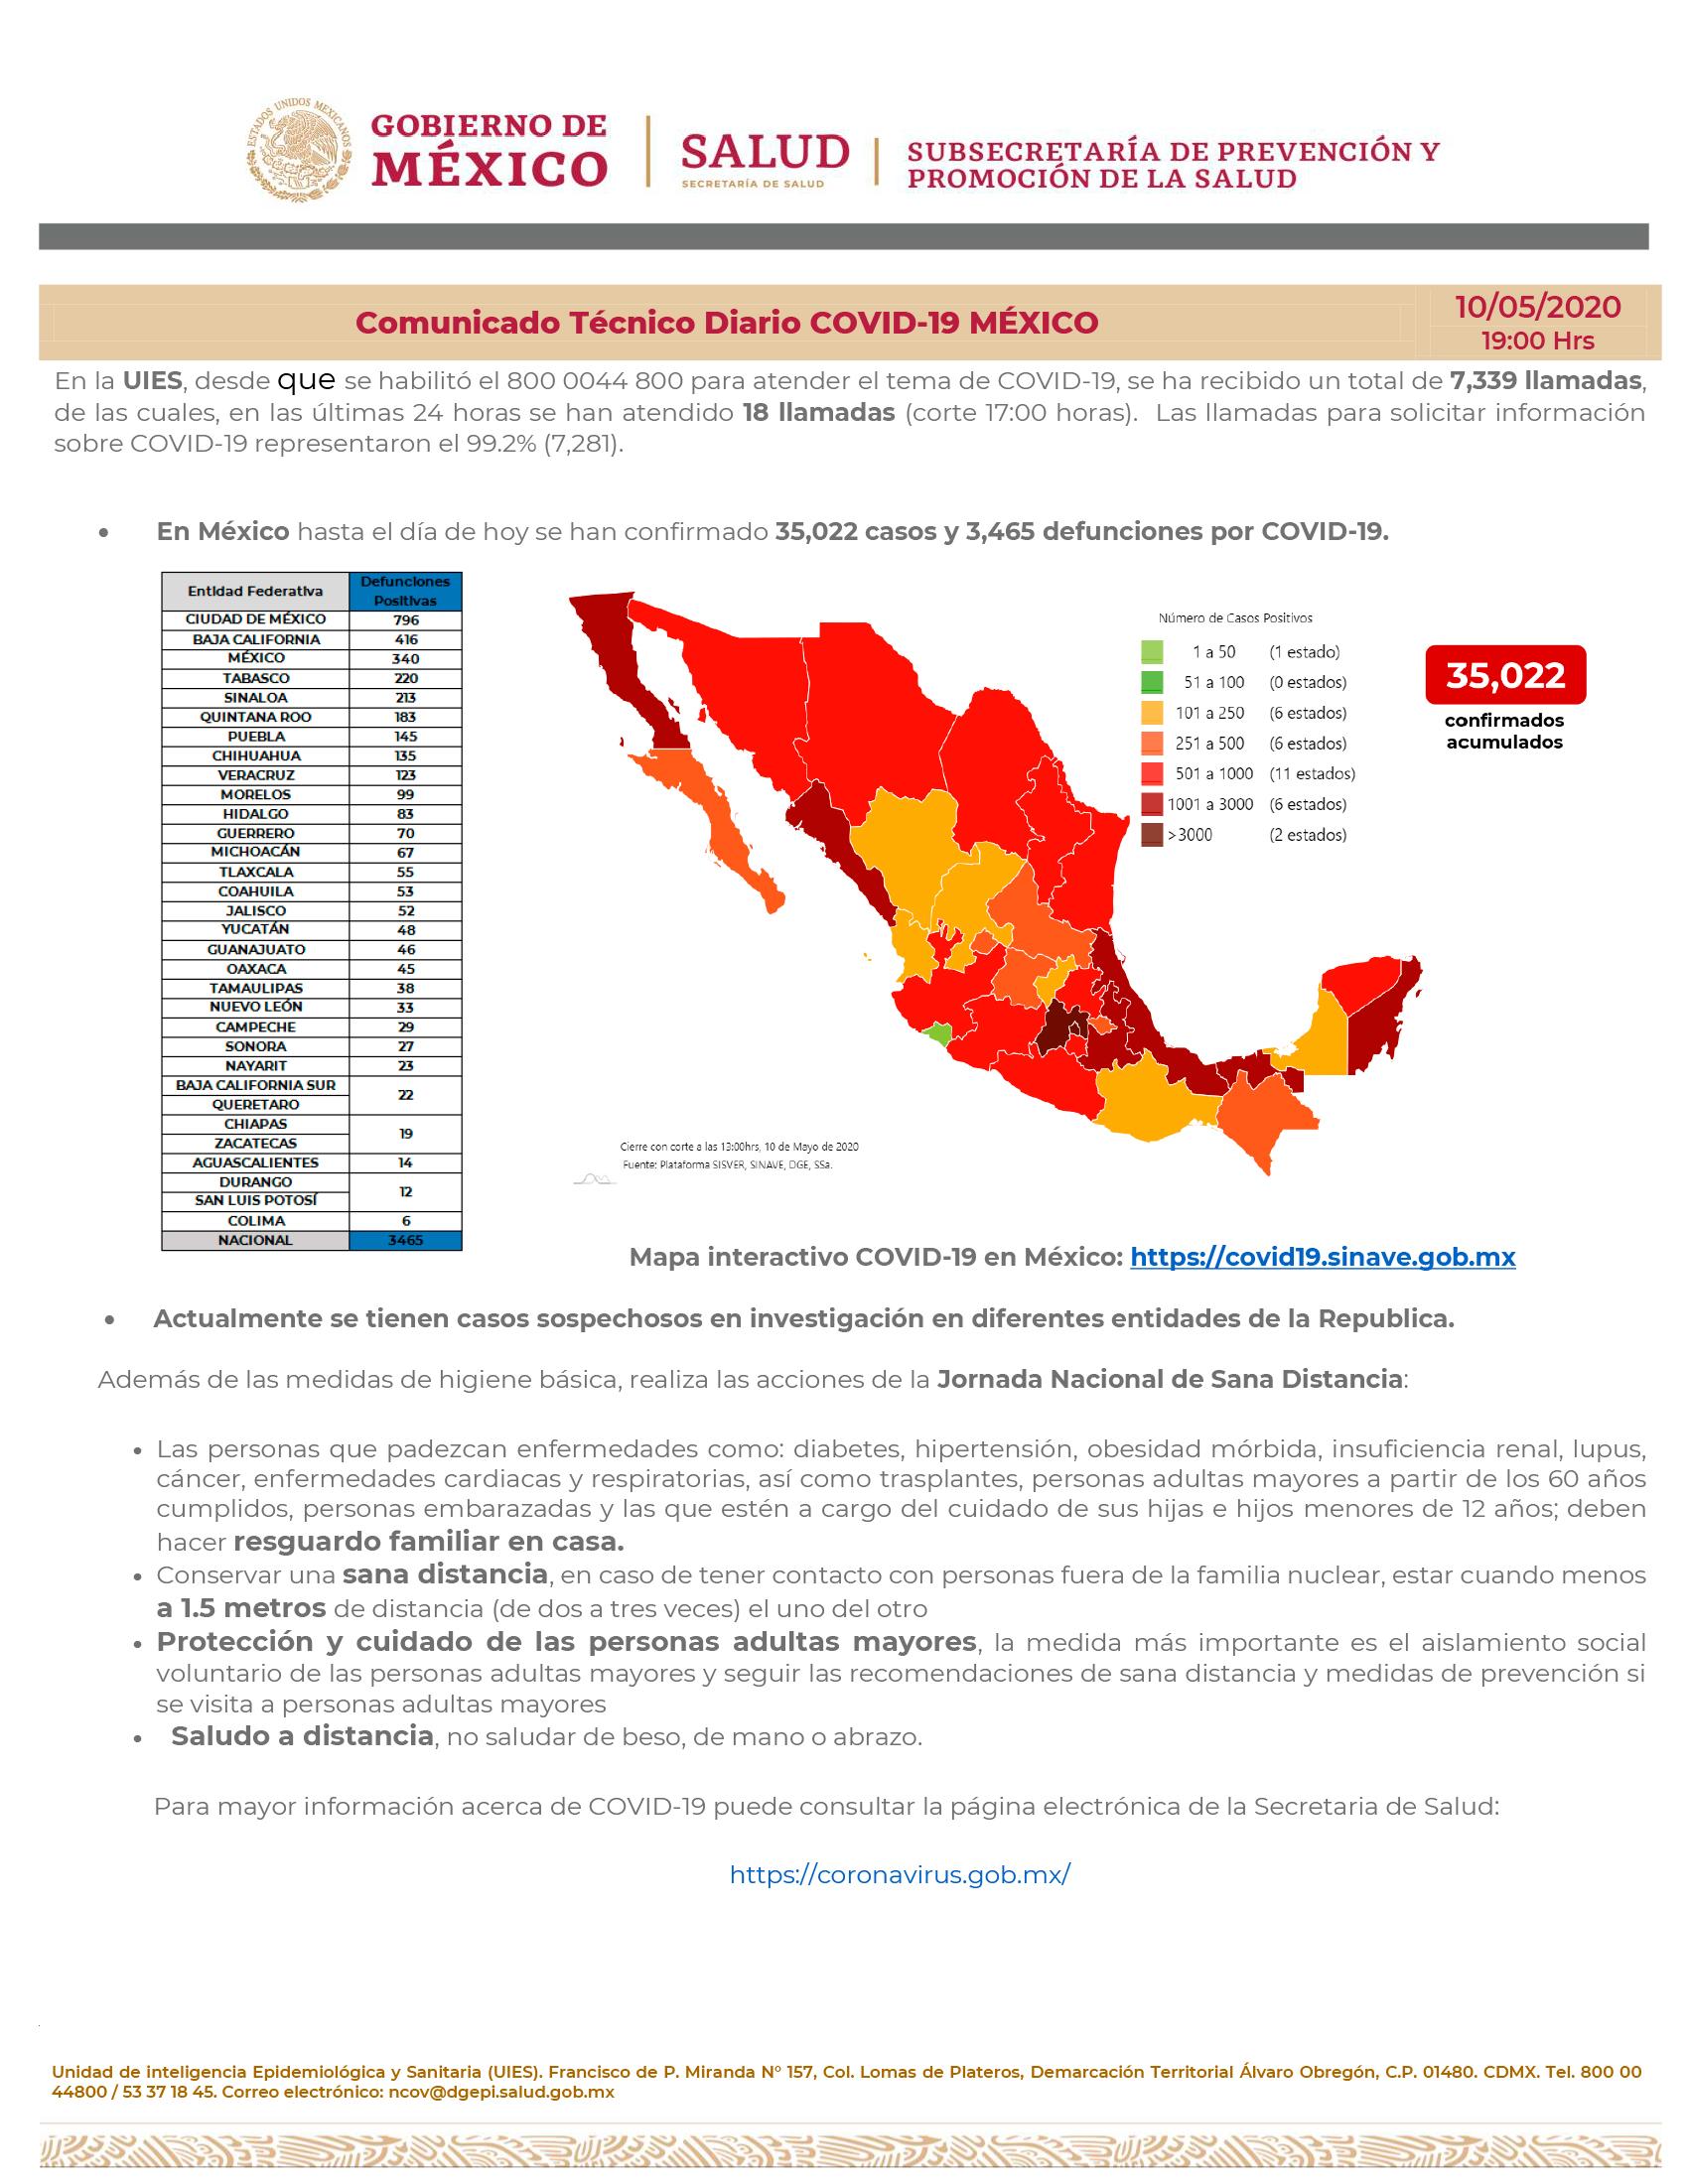 /cms/uploads/image/file/581088/Comunicado_Tecnico_Diario_COVID-19_2020.05.10-2.jpg